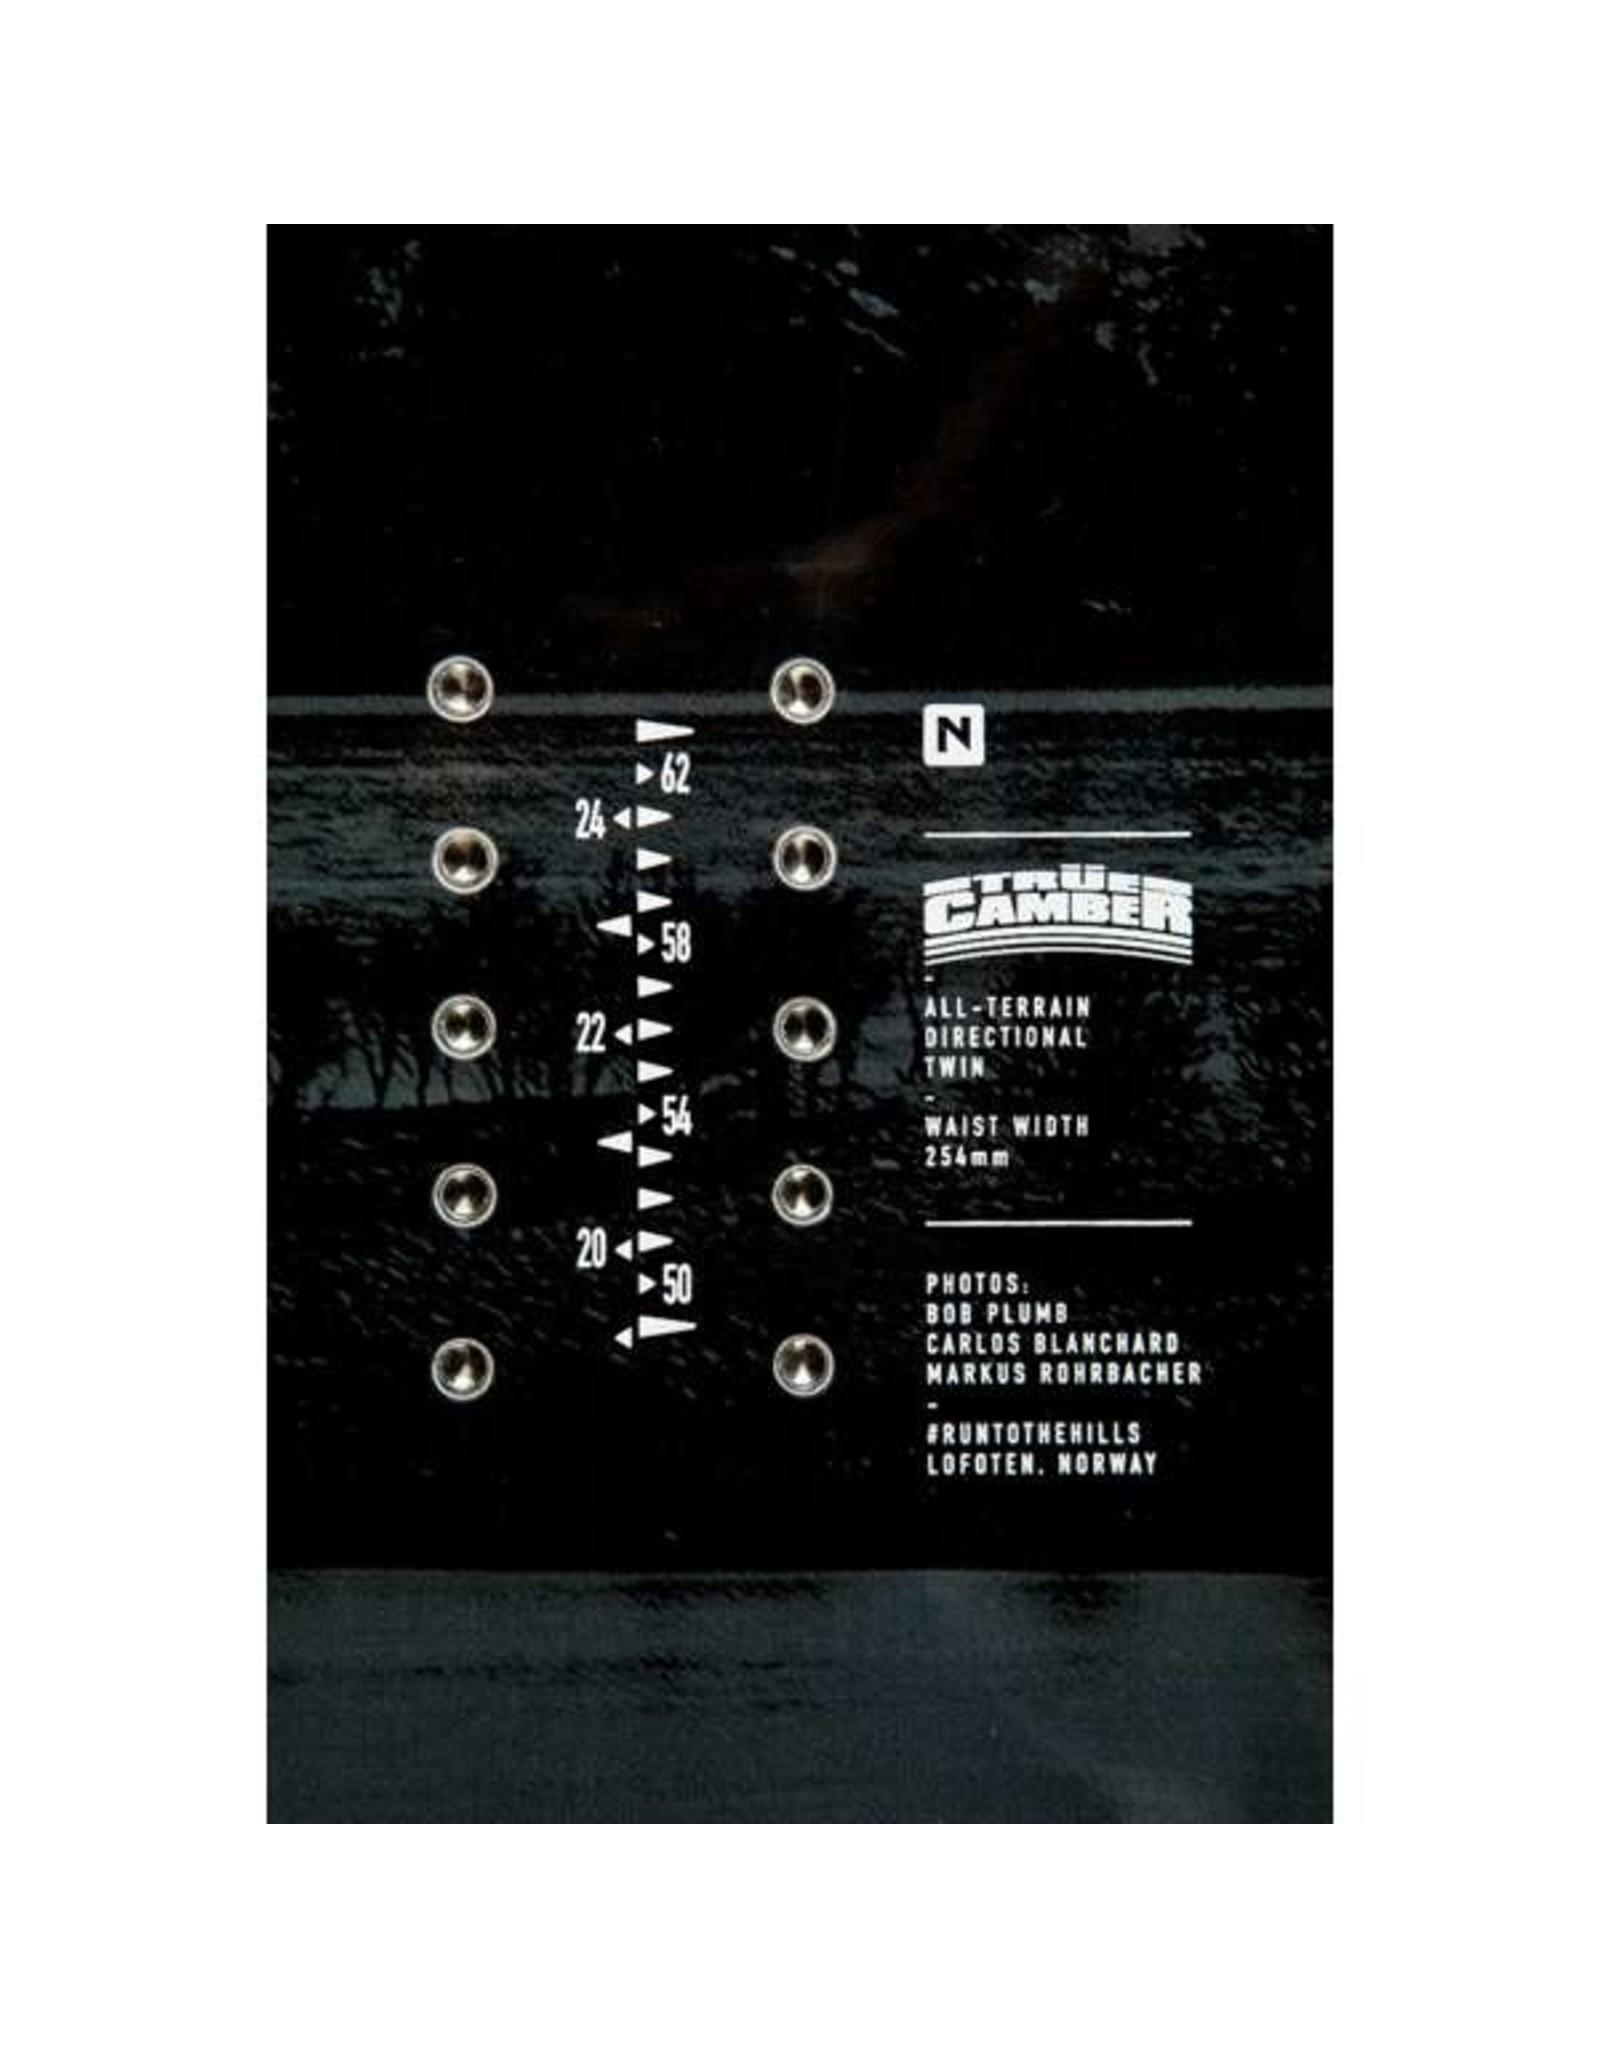 NITRO NITRO - TEAM EXPOSURE - 19/20 - 155